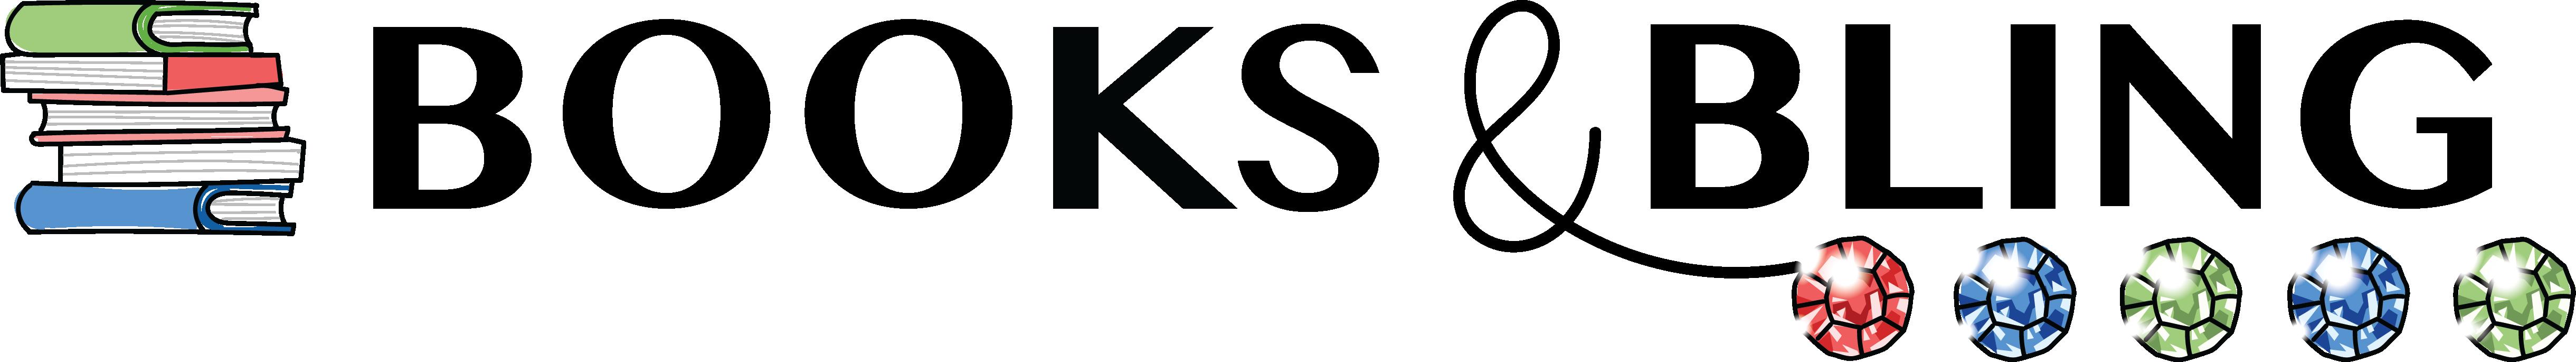 books & bling logo